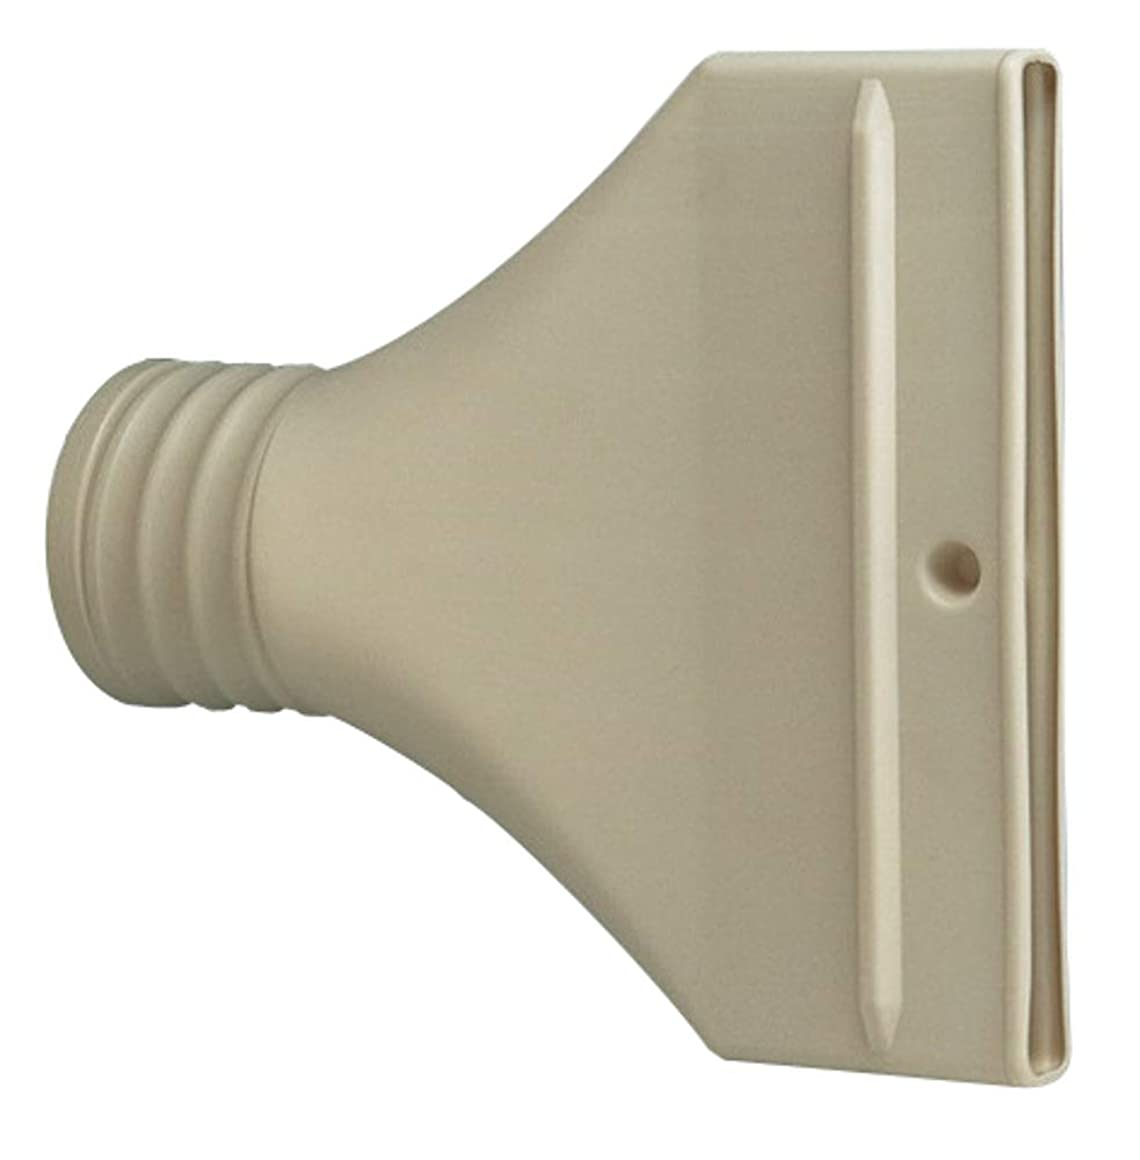 戻すくしゃみ初期のKiloNext プラモデル 入門用 工具 セット ニッパー ヤスリ 3種 シール用 ピンセット付